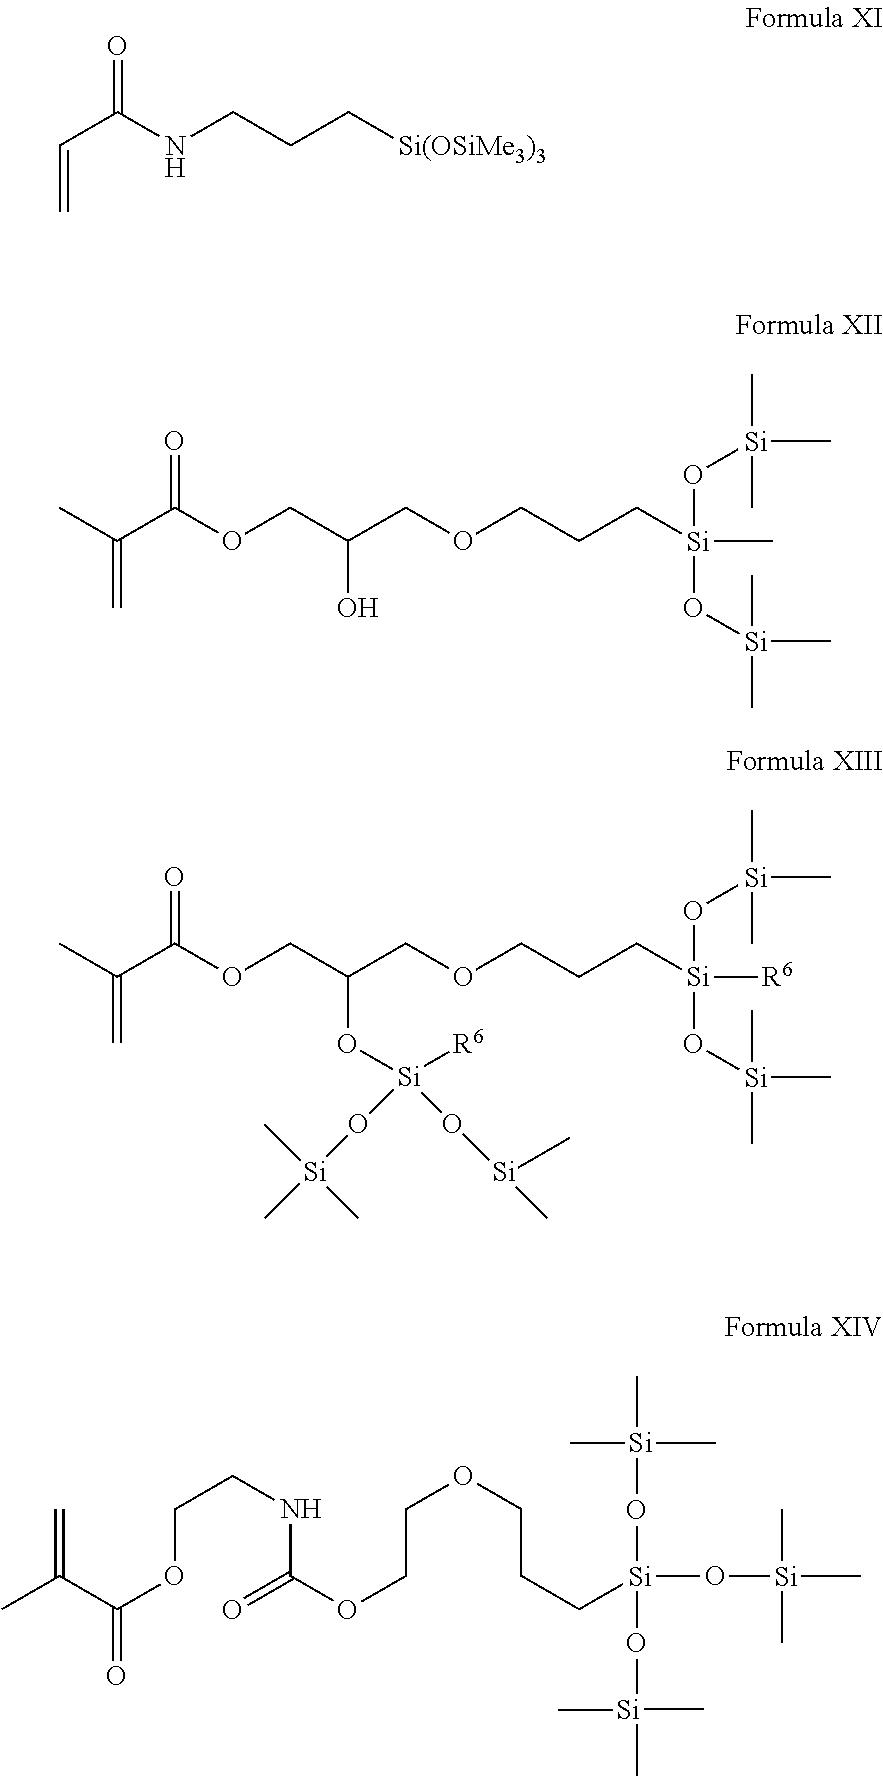 Figure US20180011223A1-20180111-C00003